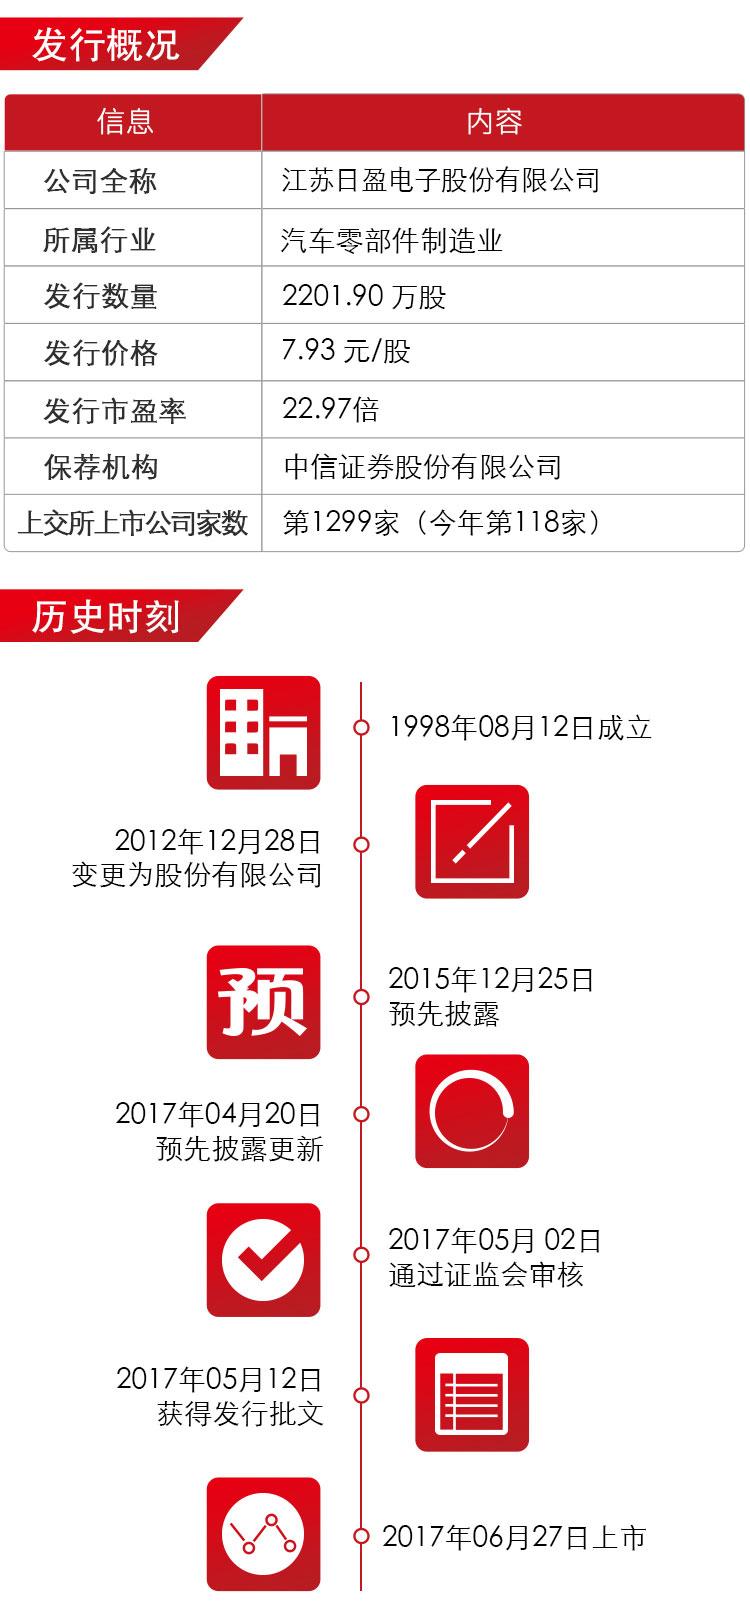 日盈-上市海报_02.jpg